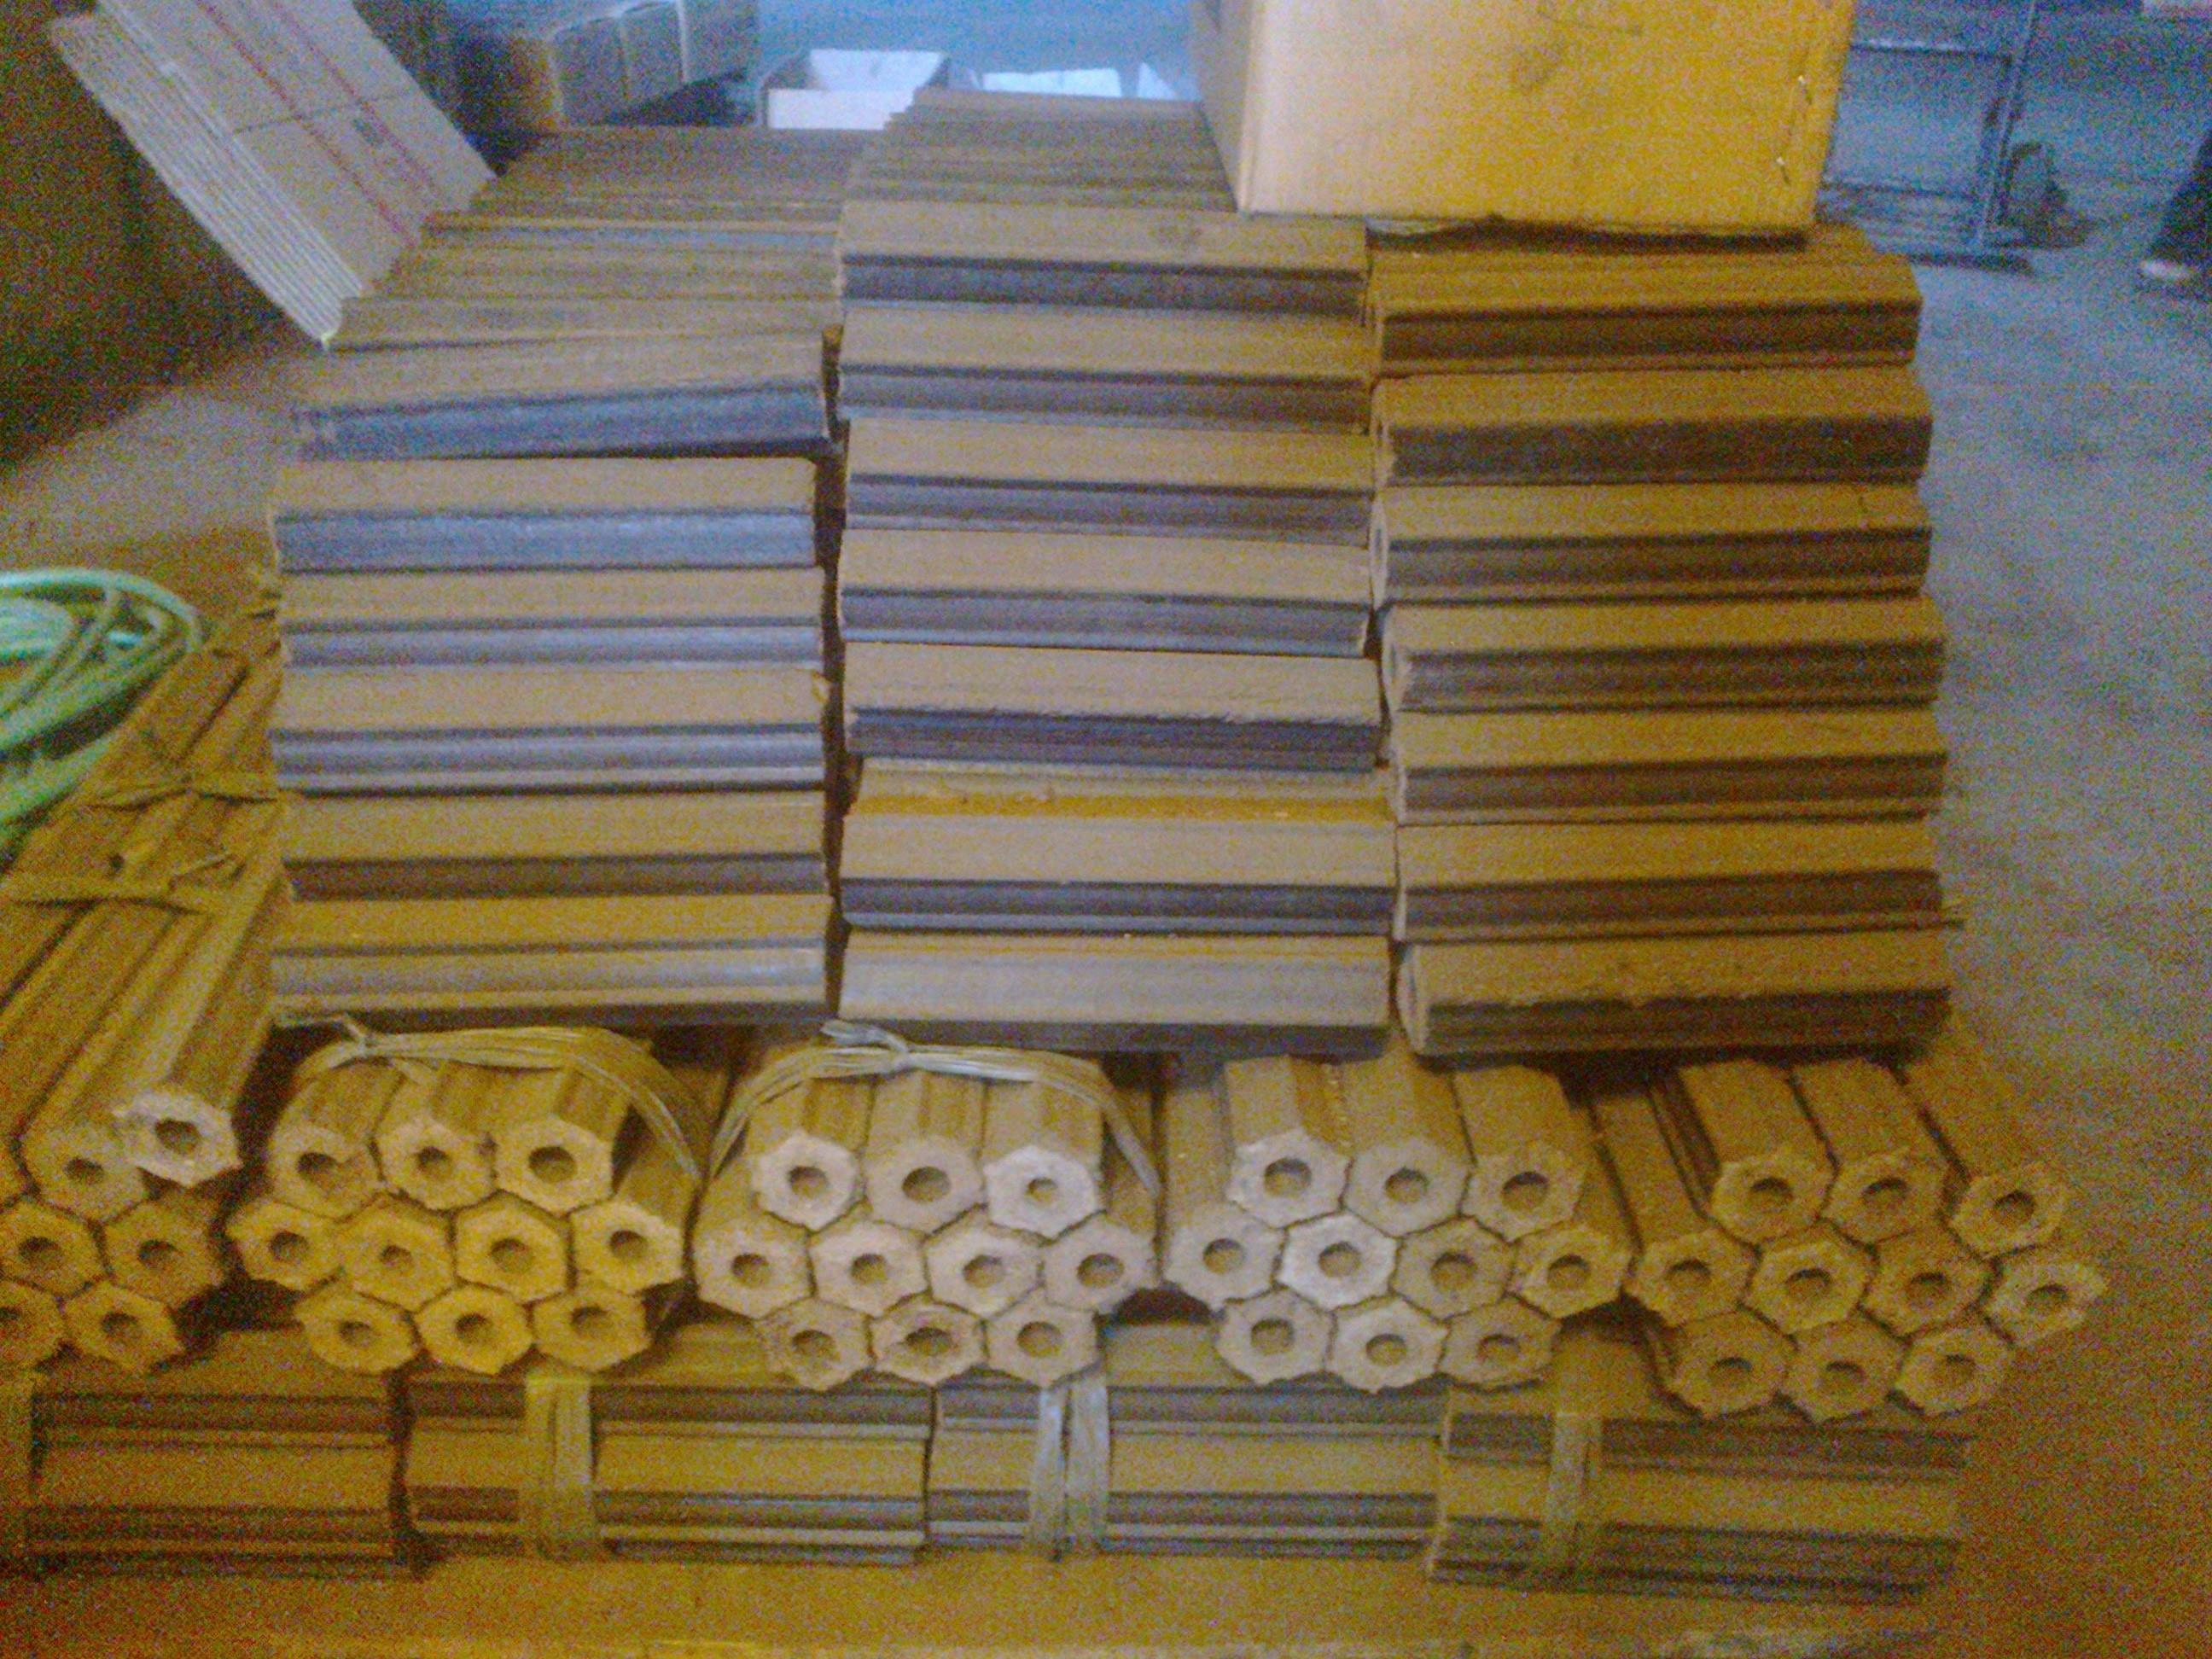 Jual briket arang kayu heksagonal Harga Murah Surabaya ...